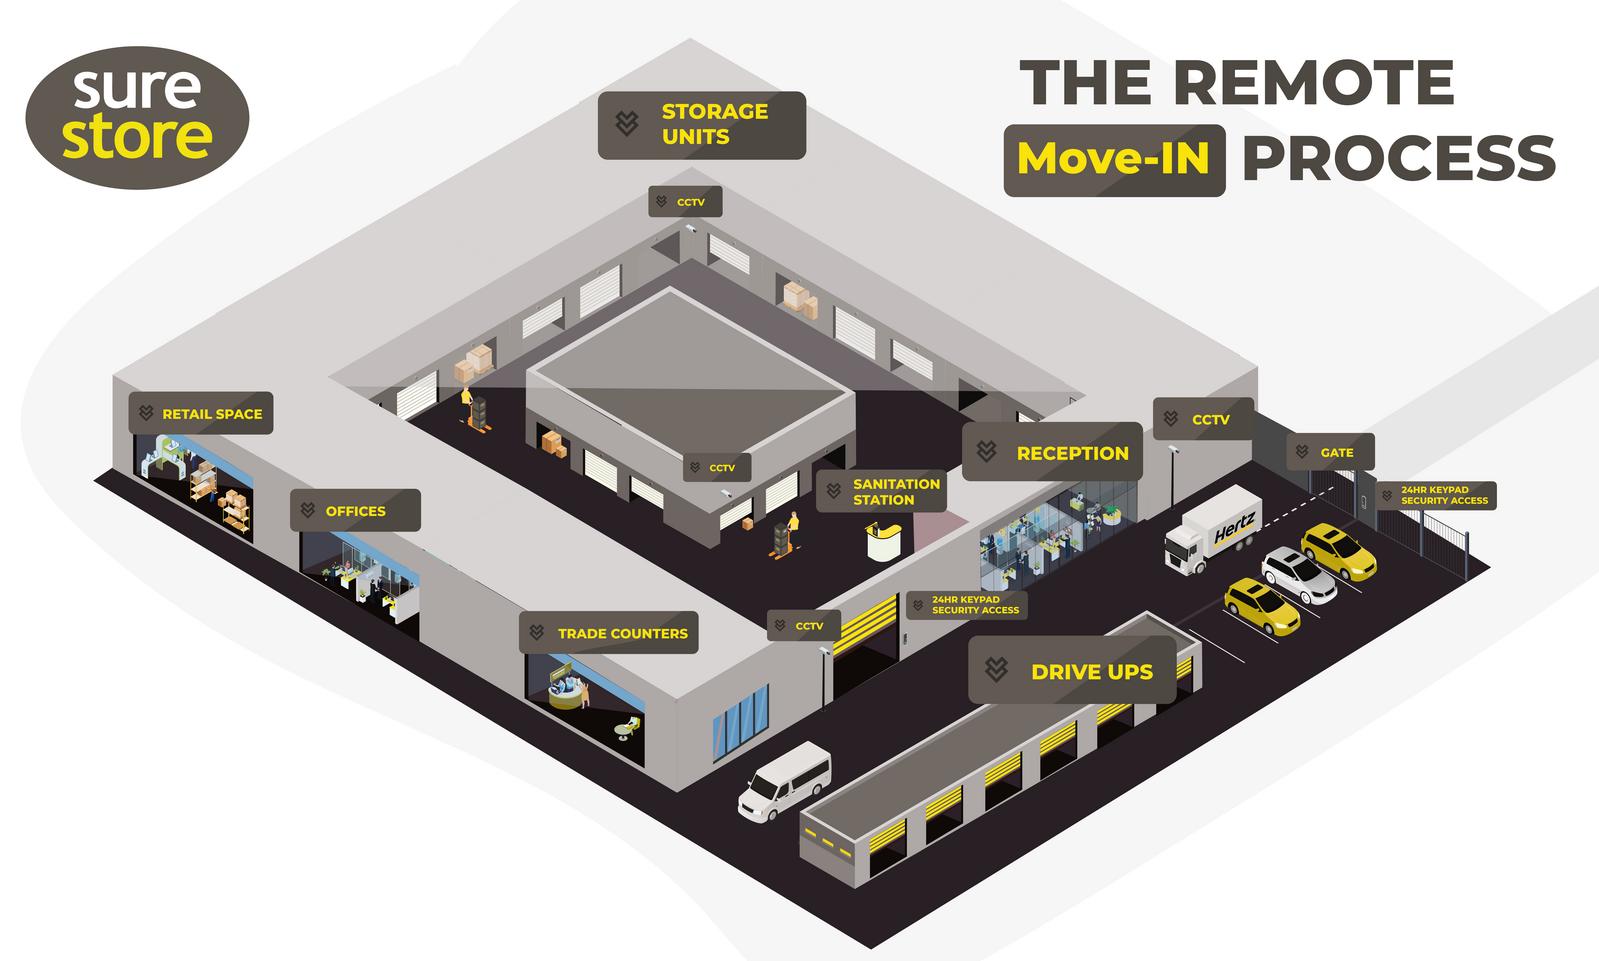 Covid Friendly Remote Move-in Service